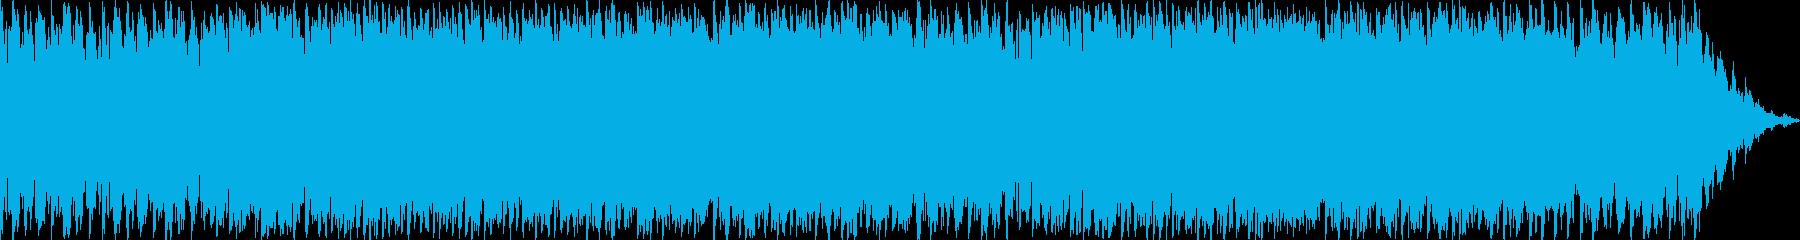 哀愁を帯びたピアノバラードの再生済みの波形